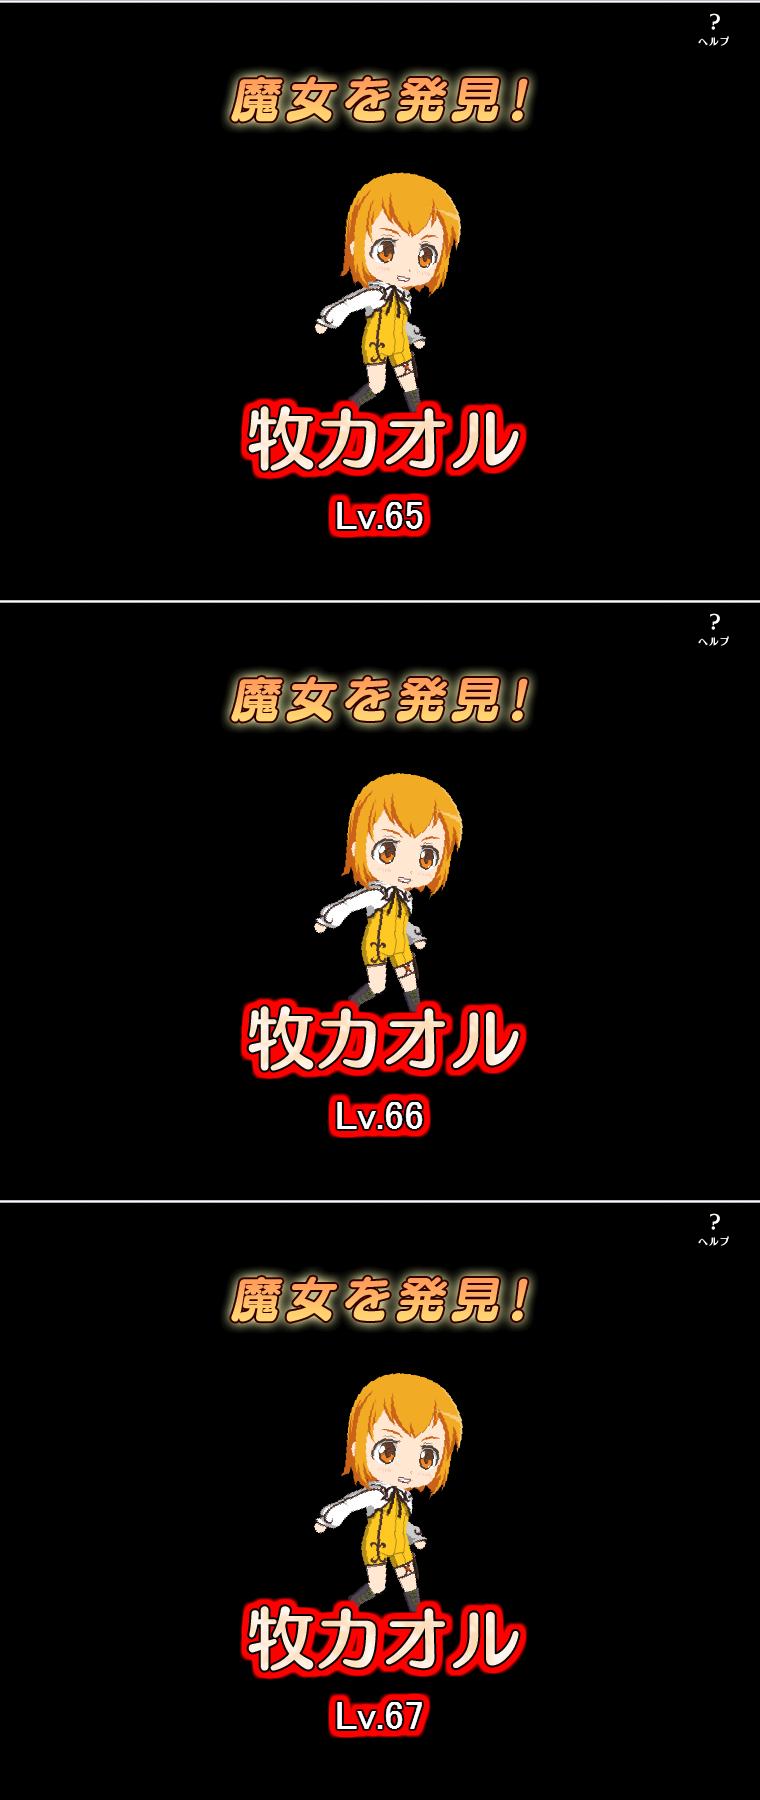 2013/10/15 遭遇したカオル1